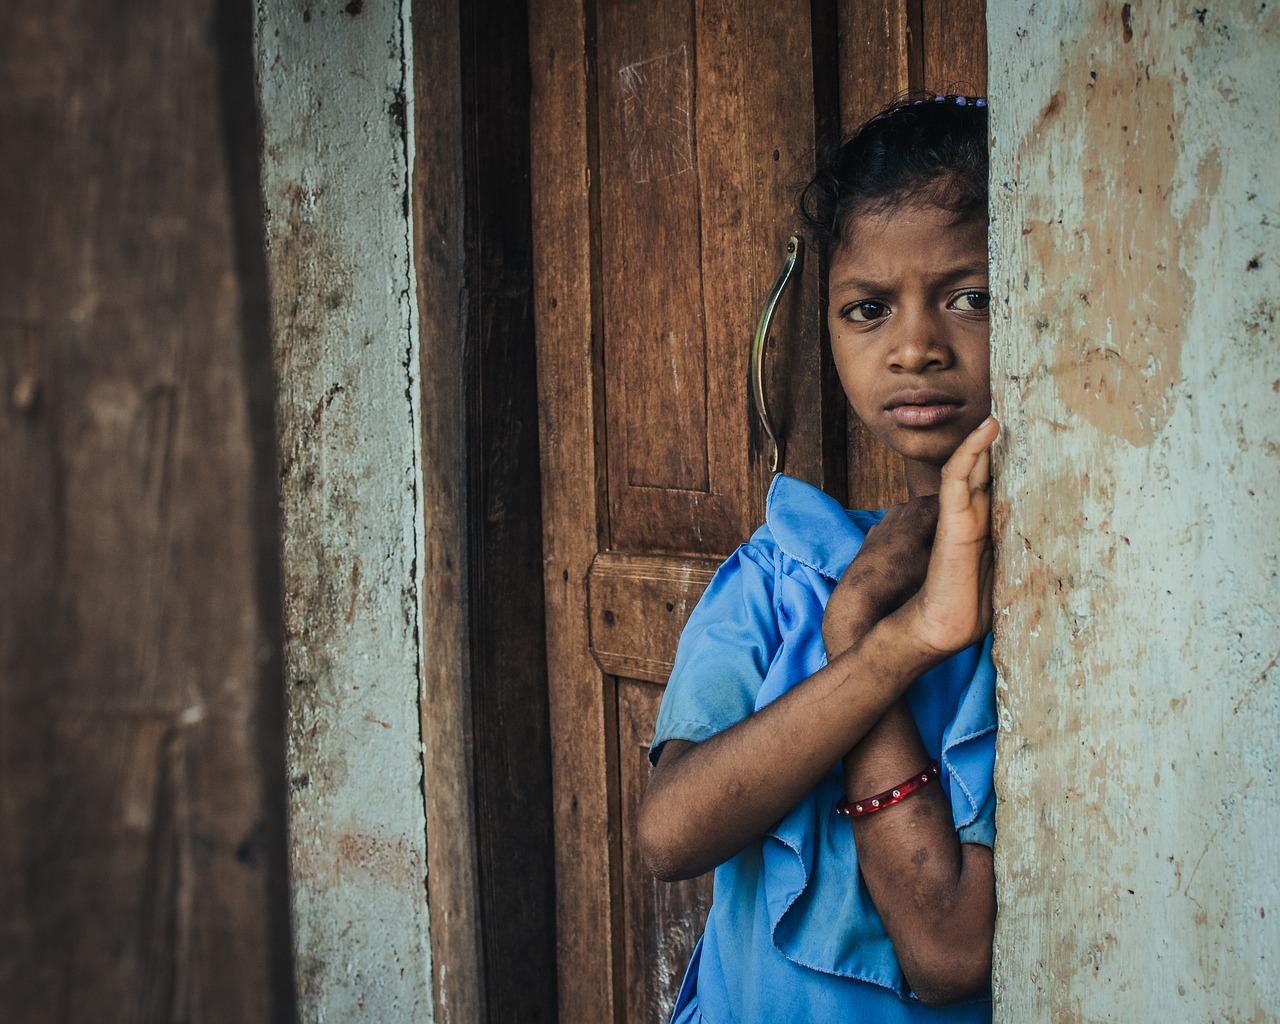 La faim frappe partout dans le monde